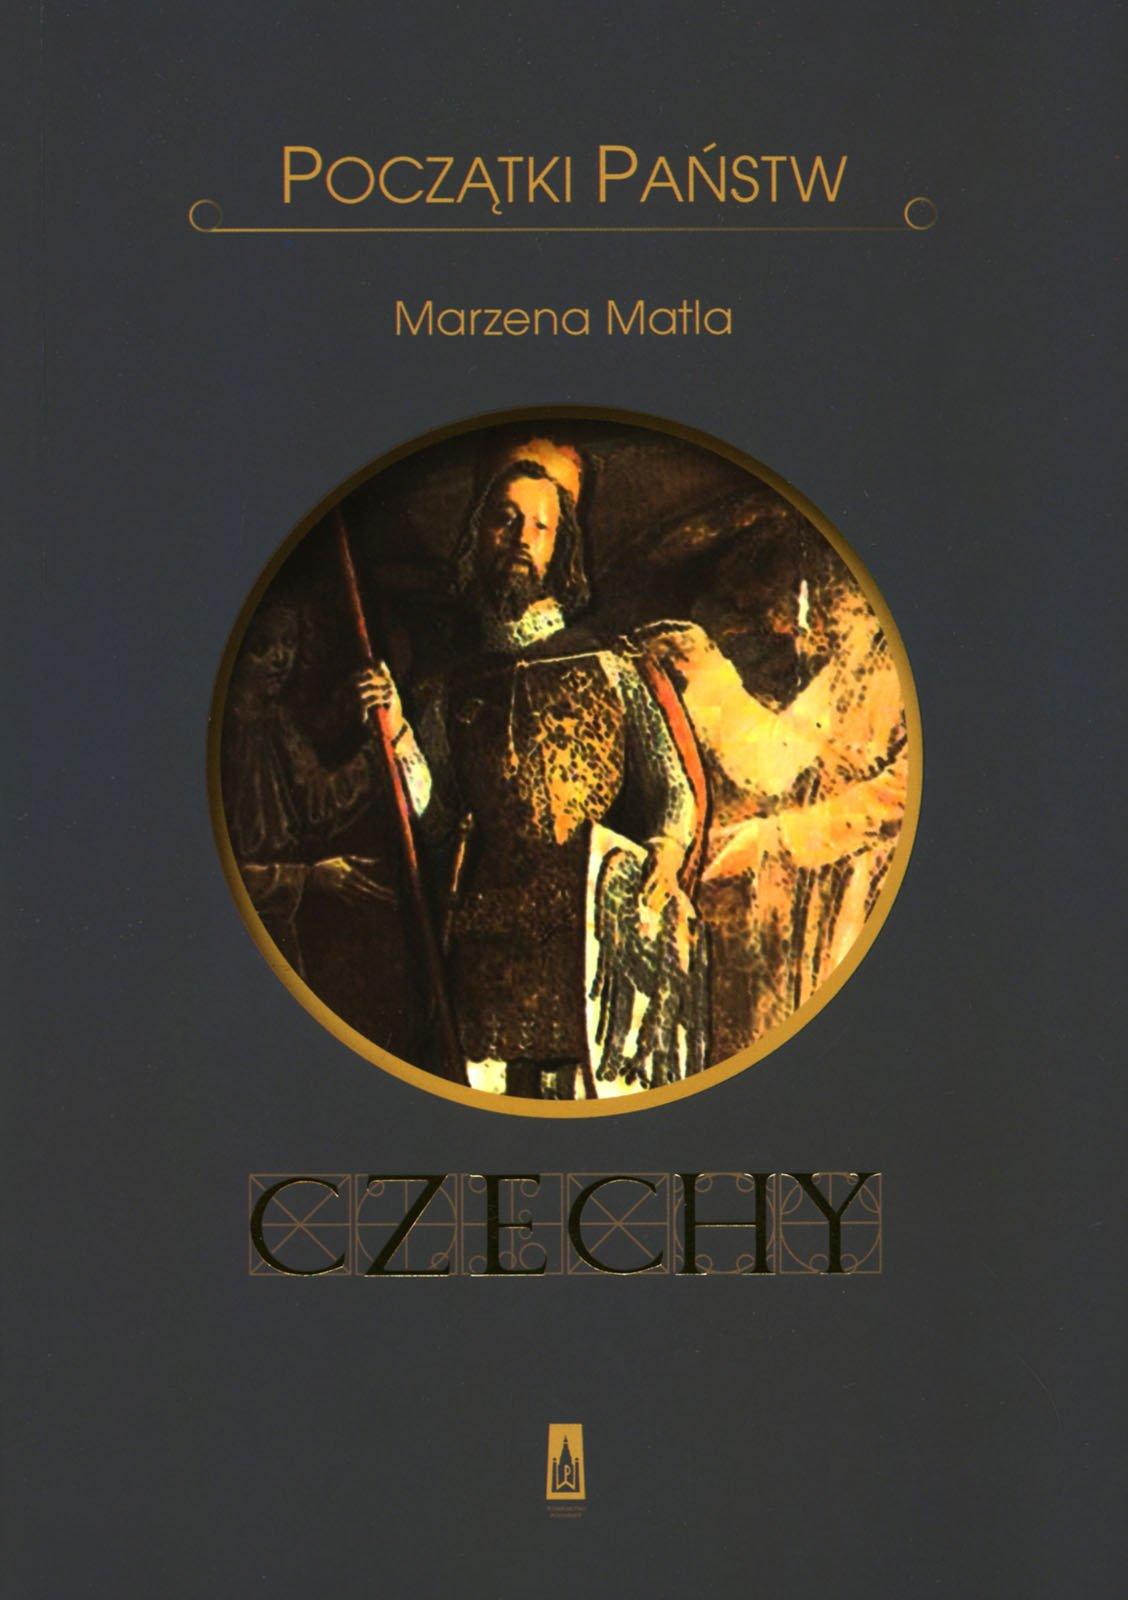 Czechy - Ebook (Książka na Kindle) do pobrania w formacie MOBI